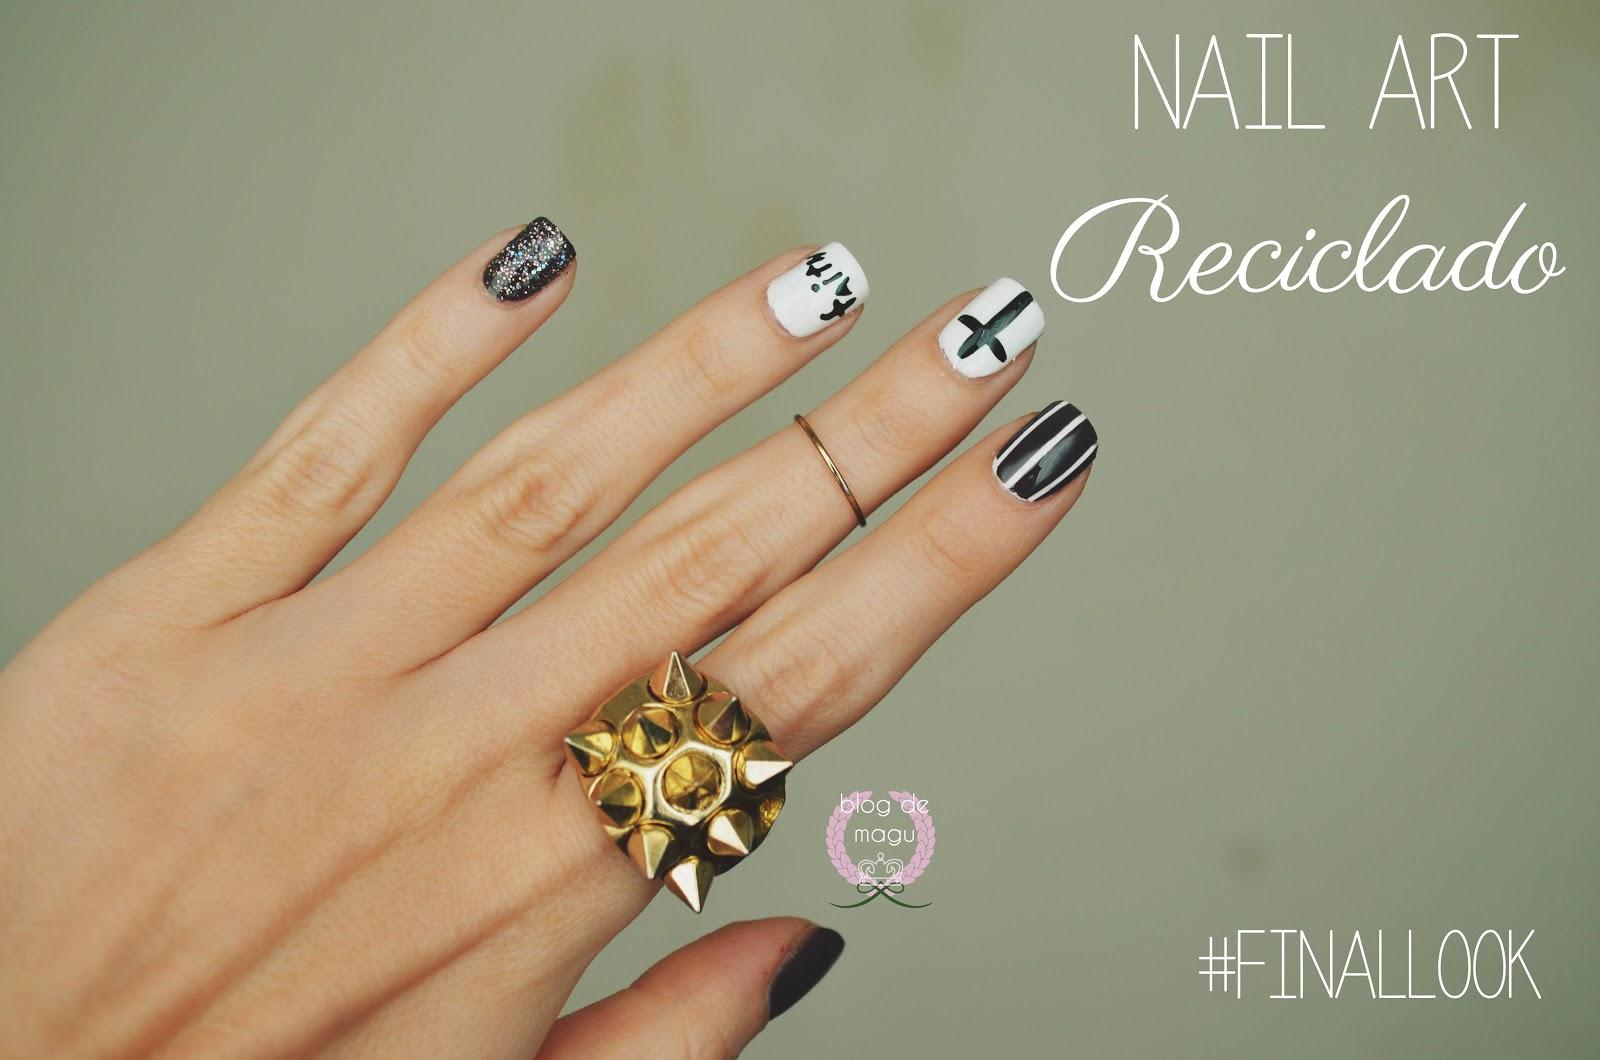 Blog de Magu ♚: ♔ Uñas de Aniversario / Nail Art Reciclado ❀